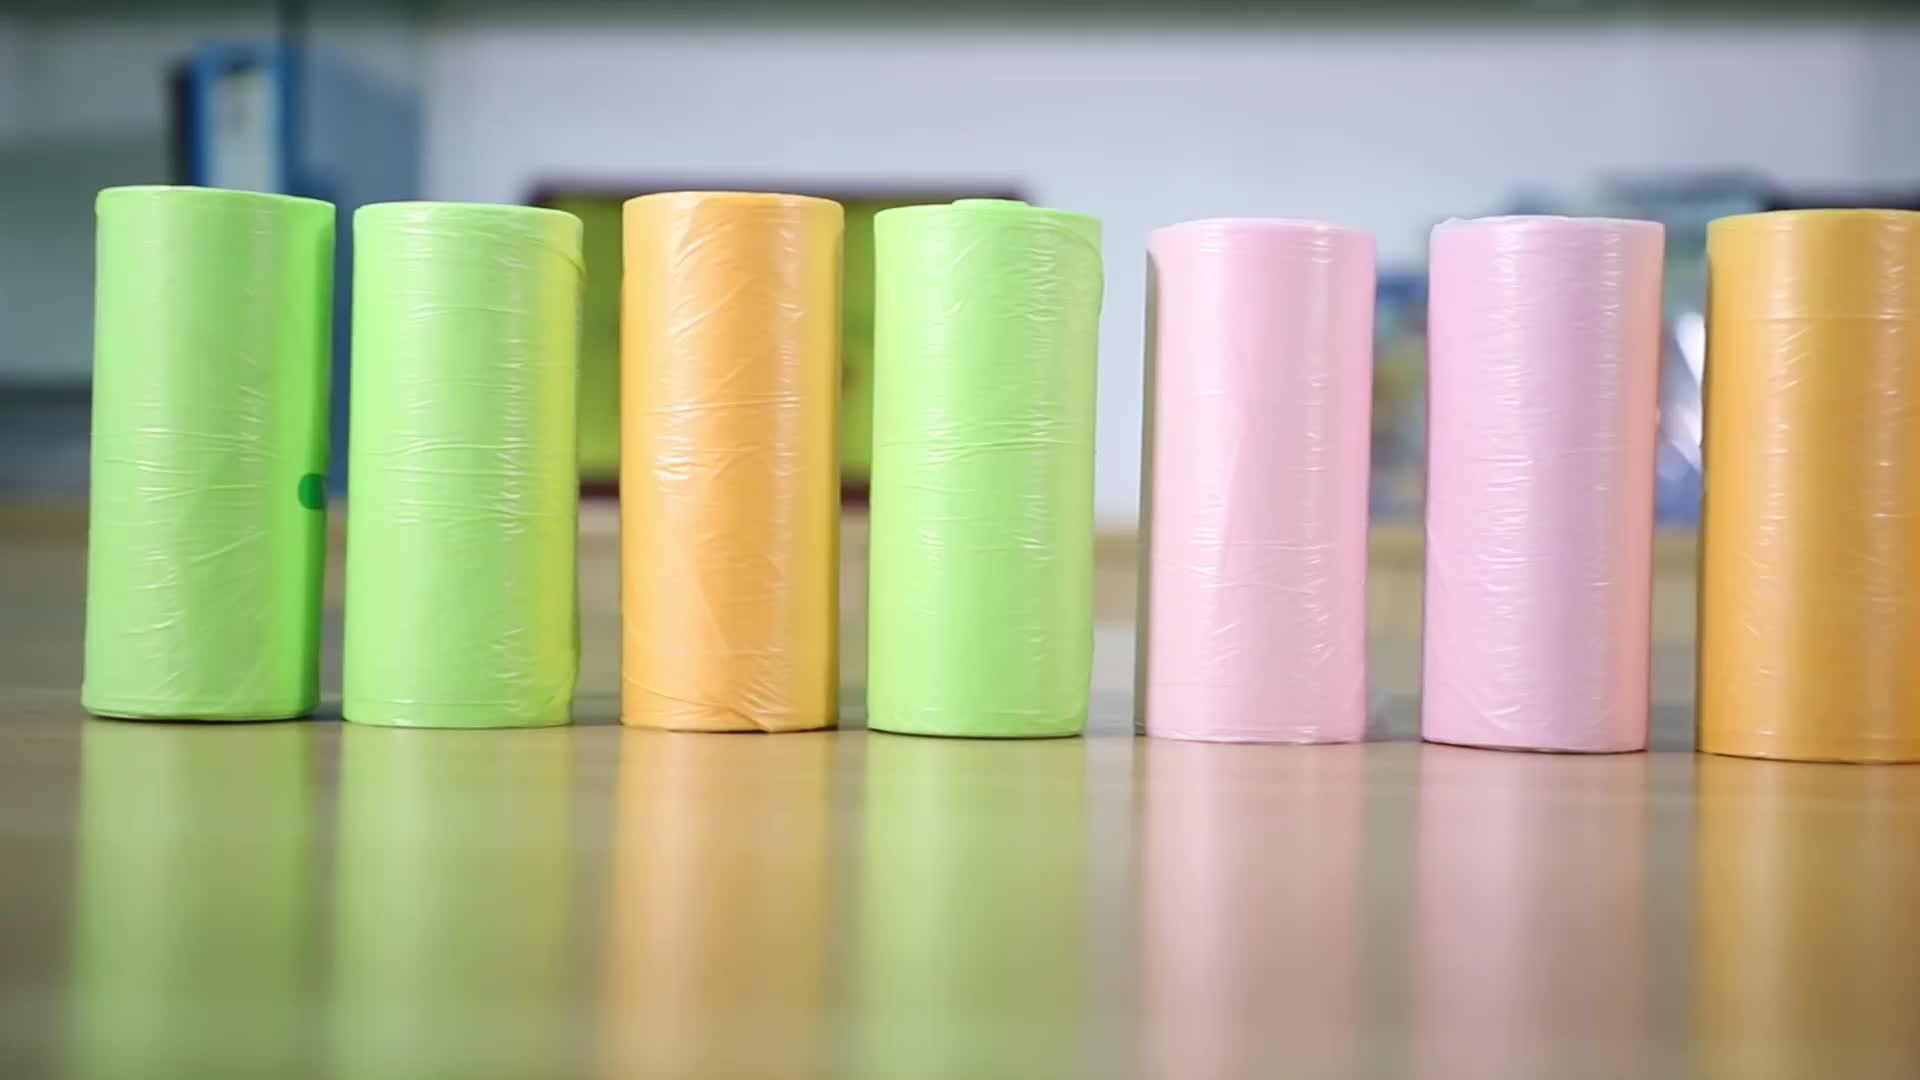 Chuyên sản xuất bao bì nhựa chất lượng giá rẻ tại tphcm